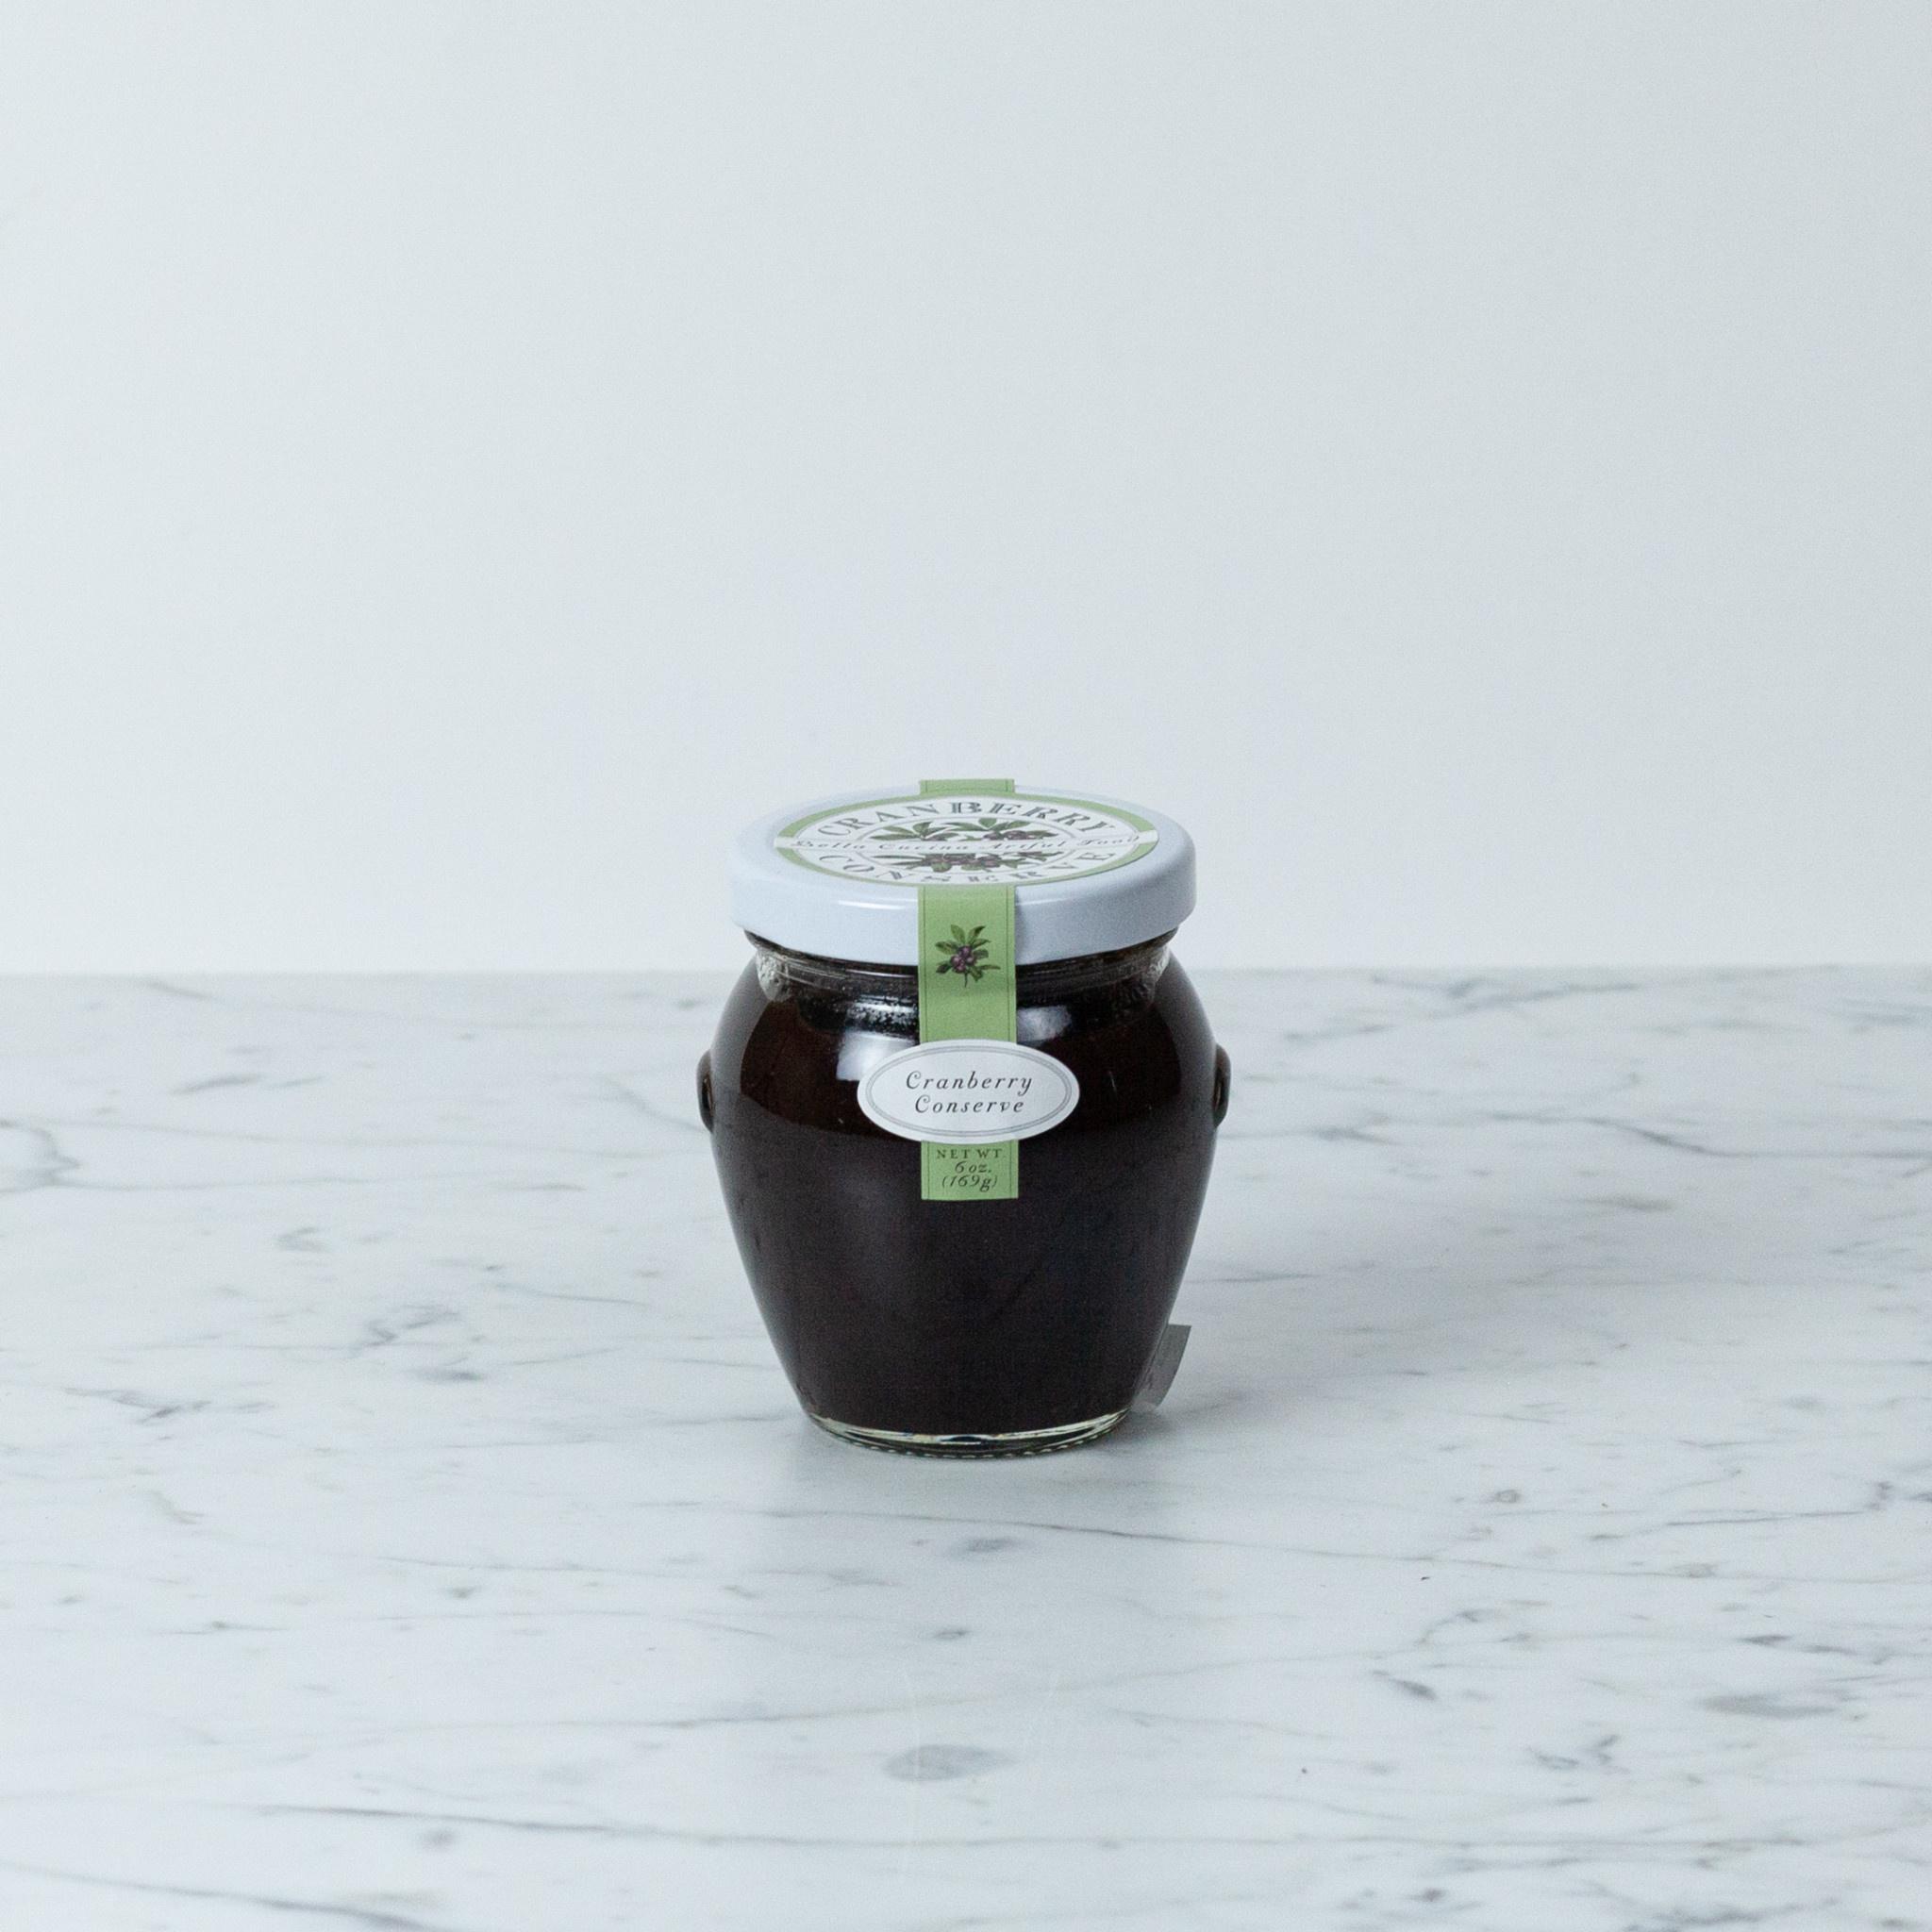 Bella Cucina Cranberry Conserve - 6oz